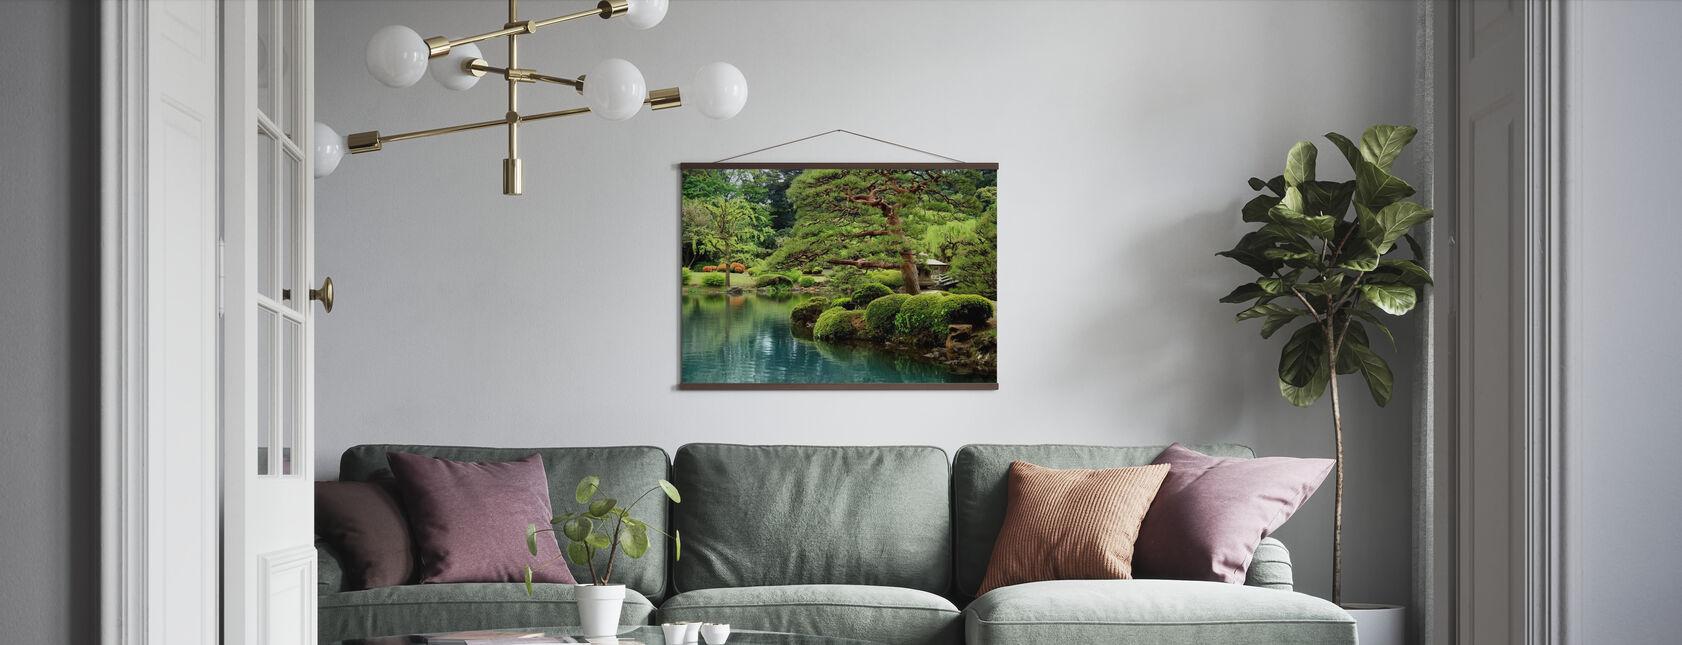 Lugn Zen Lake och Bonsai träd i Tokyo Garden - Poster - Vardagsrum